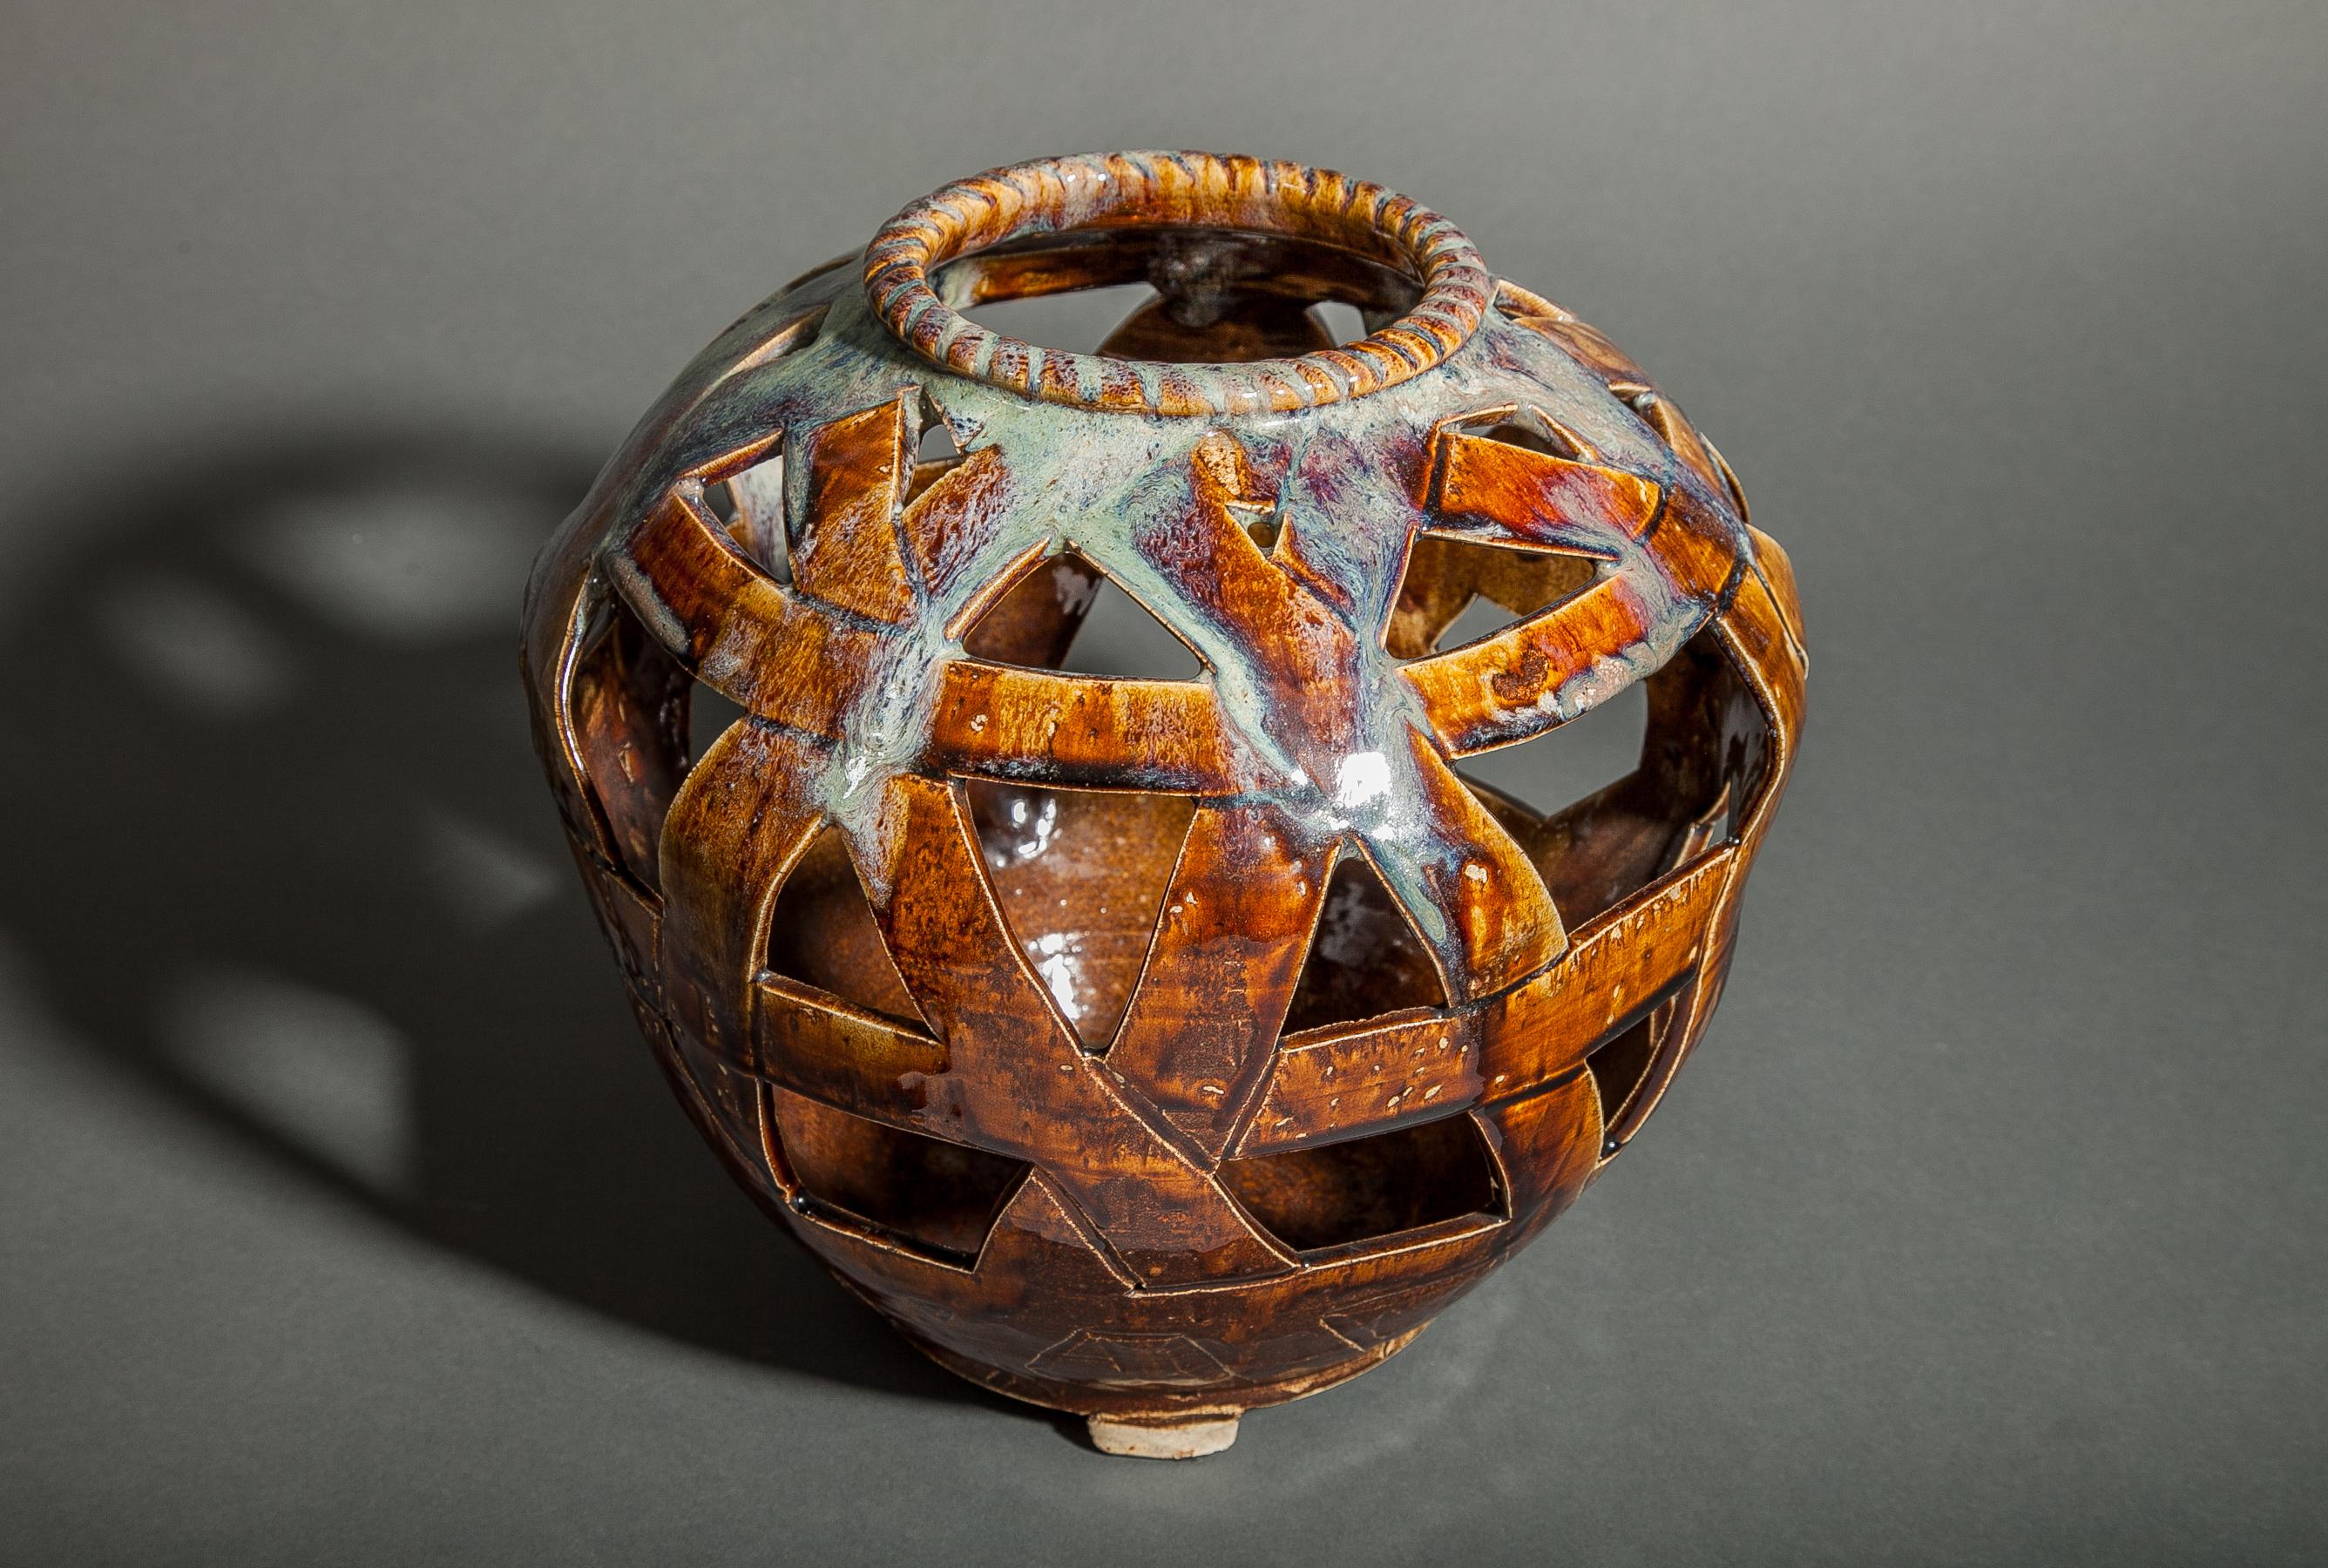 Japanese Ceramic Flower Vase